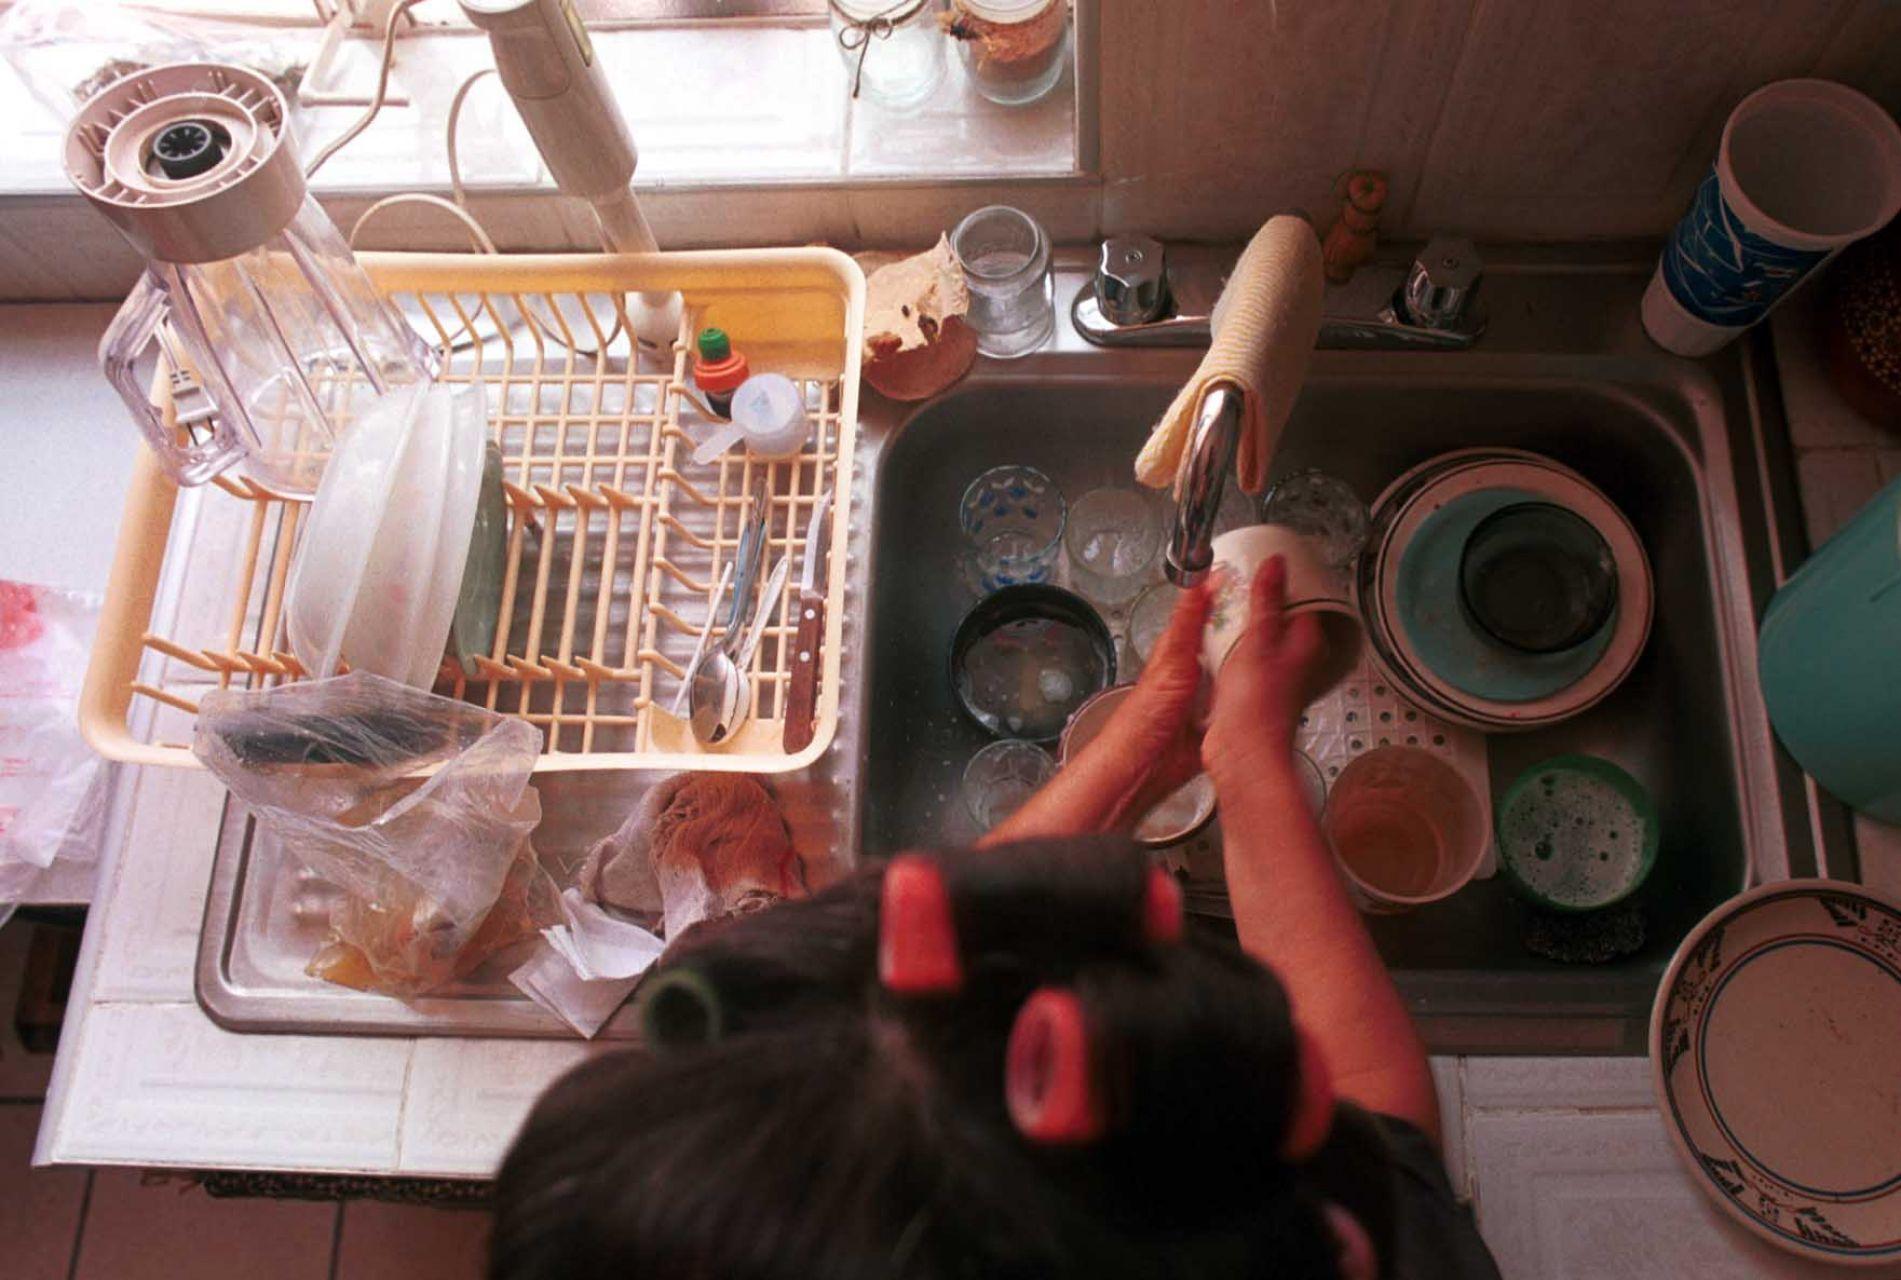 El trabajo doméstico precario en México